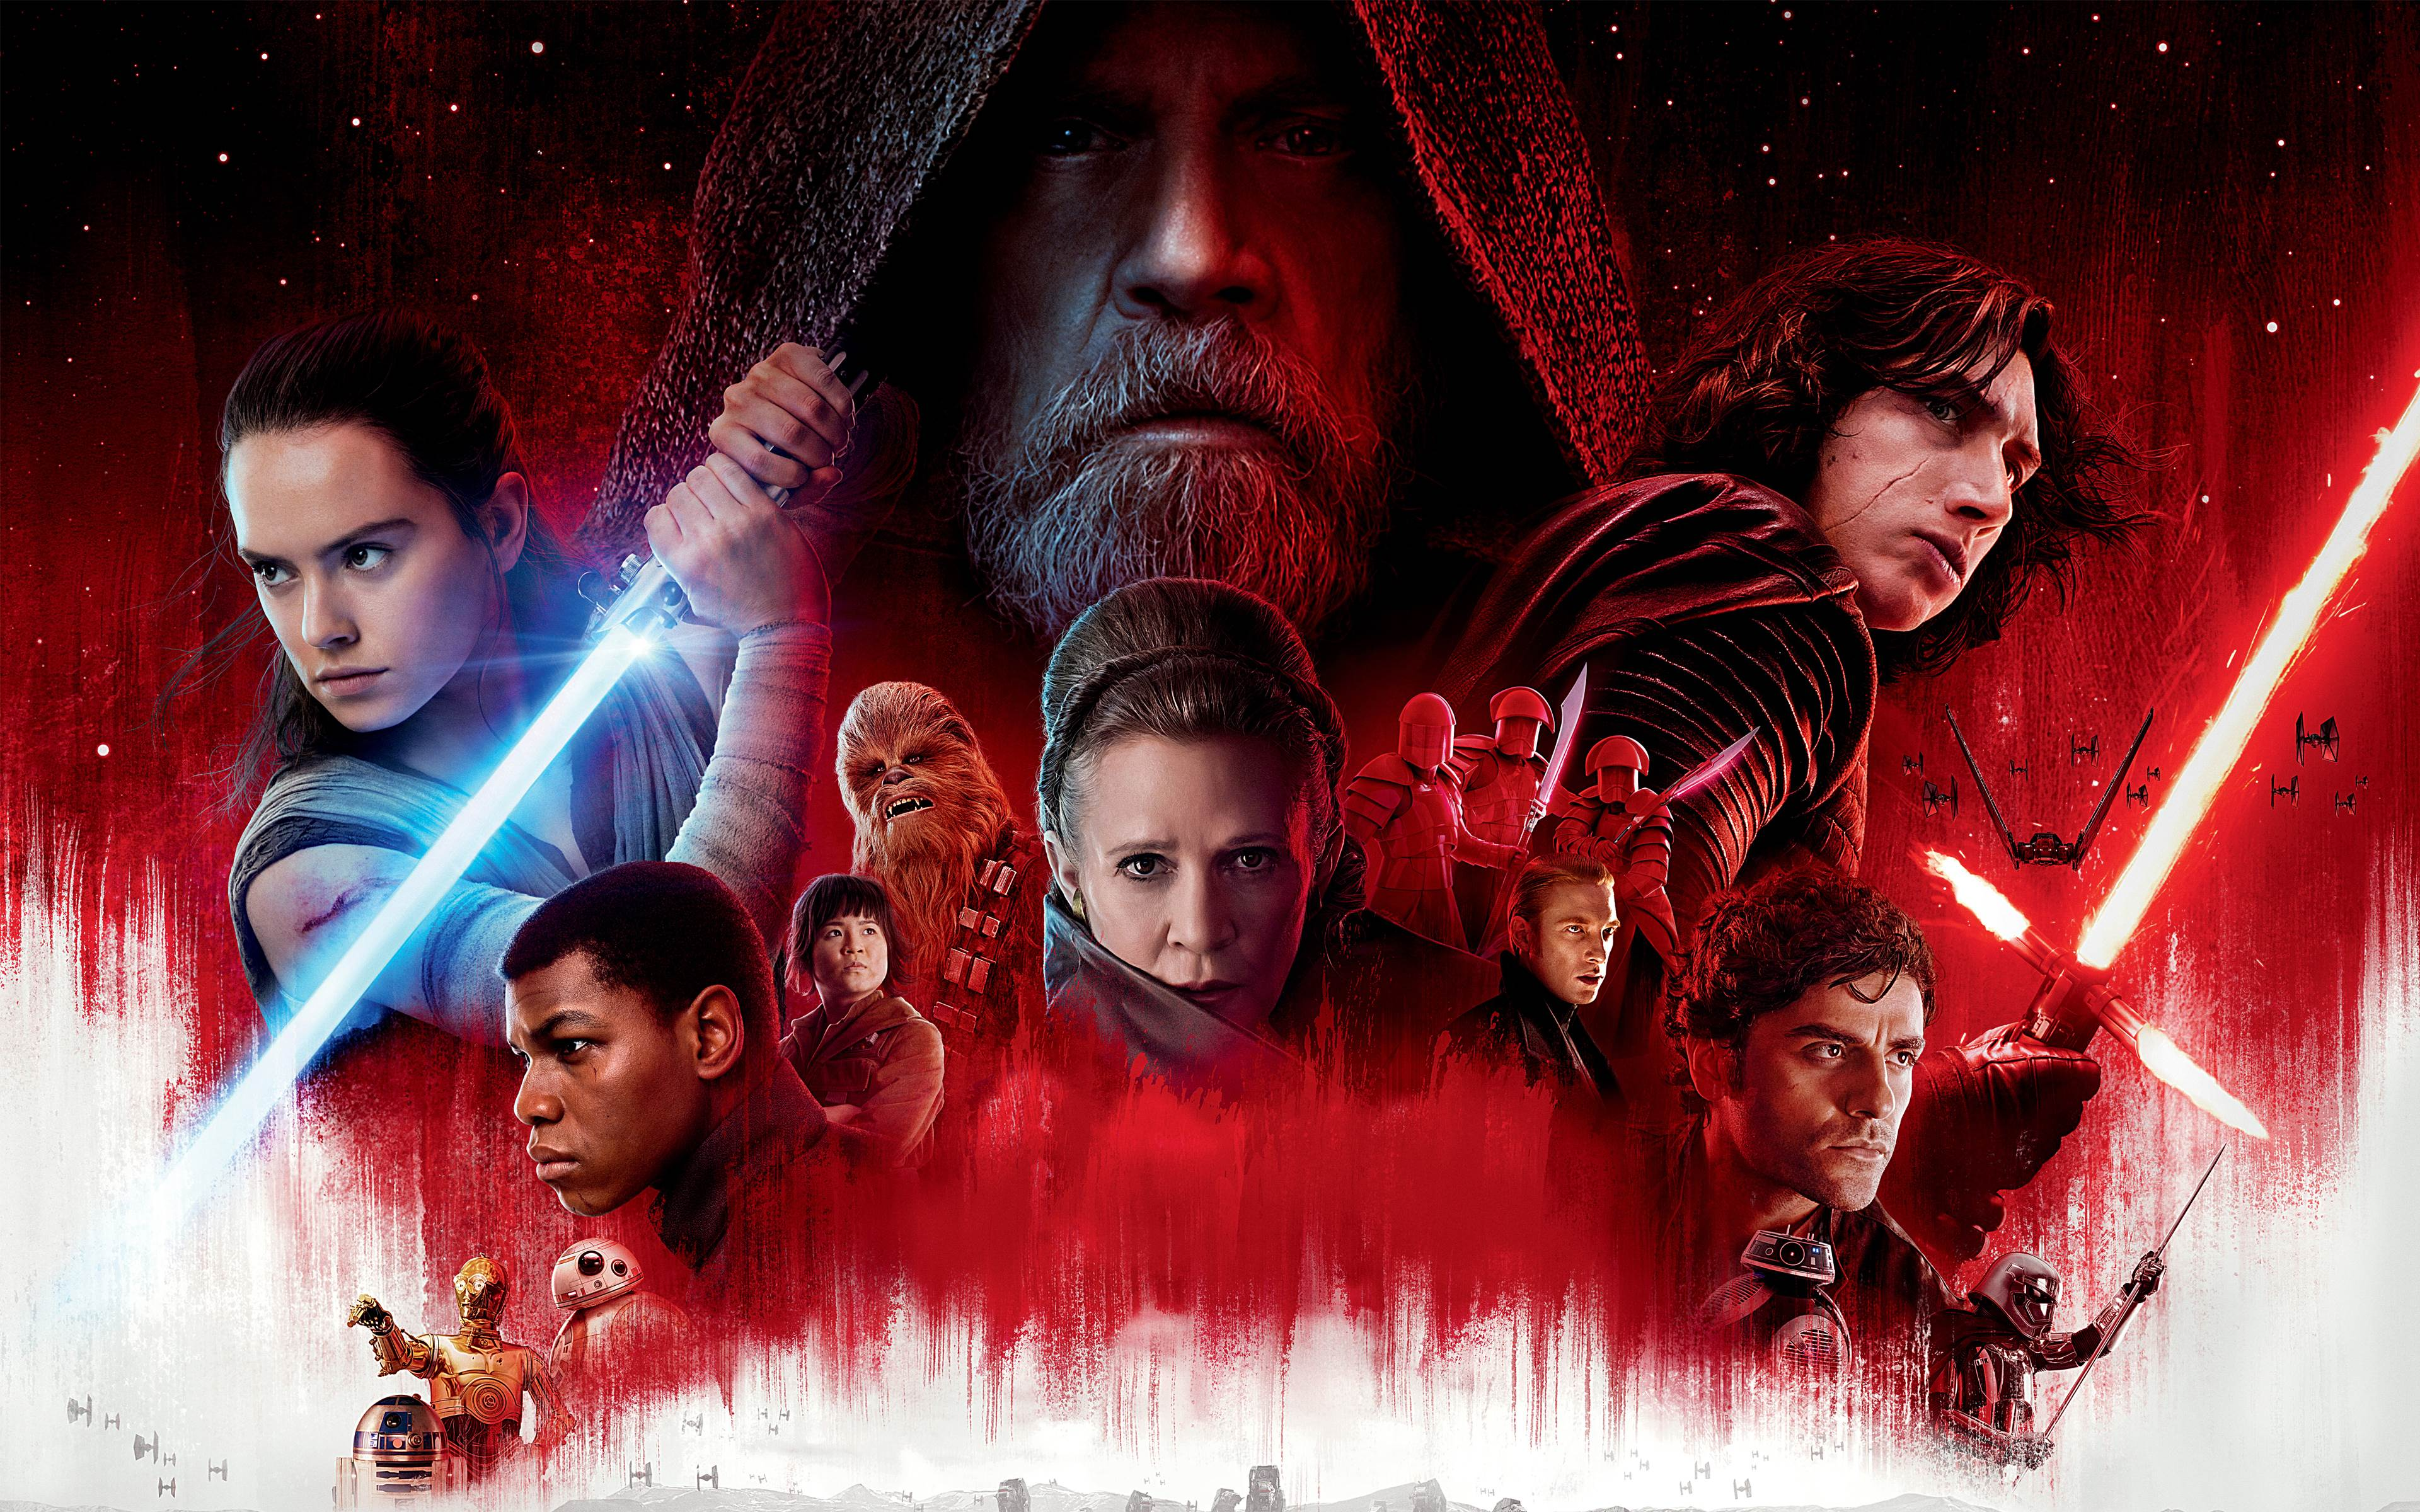 Star Wars: The Last Jedi Wallpaper